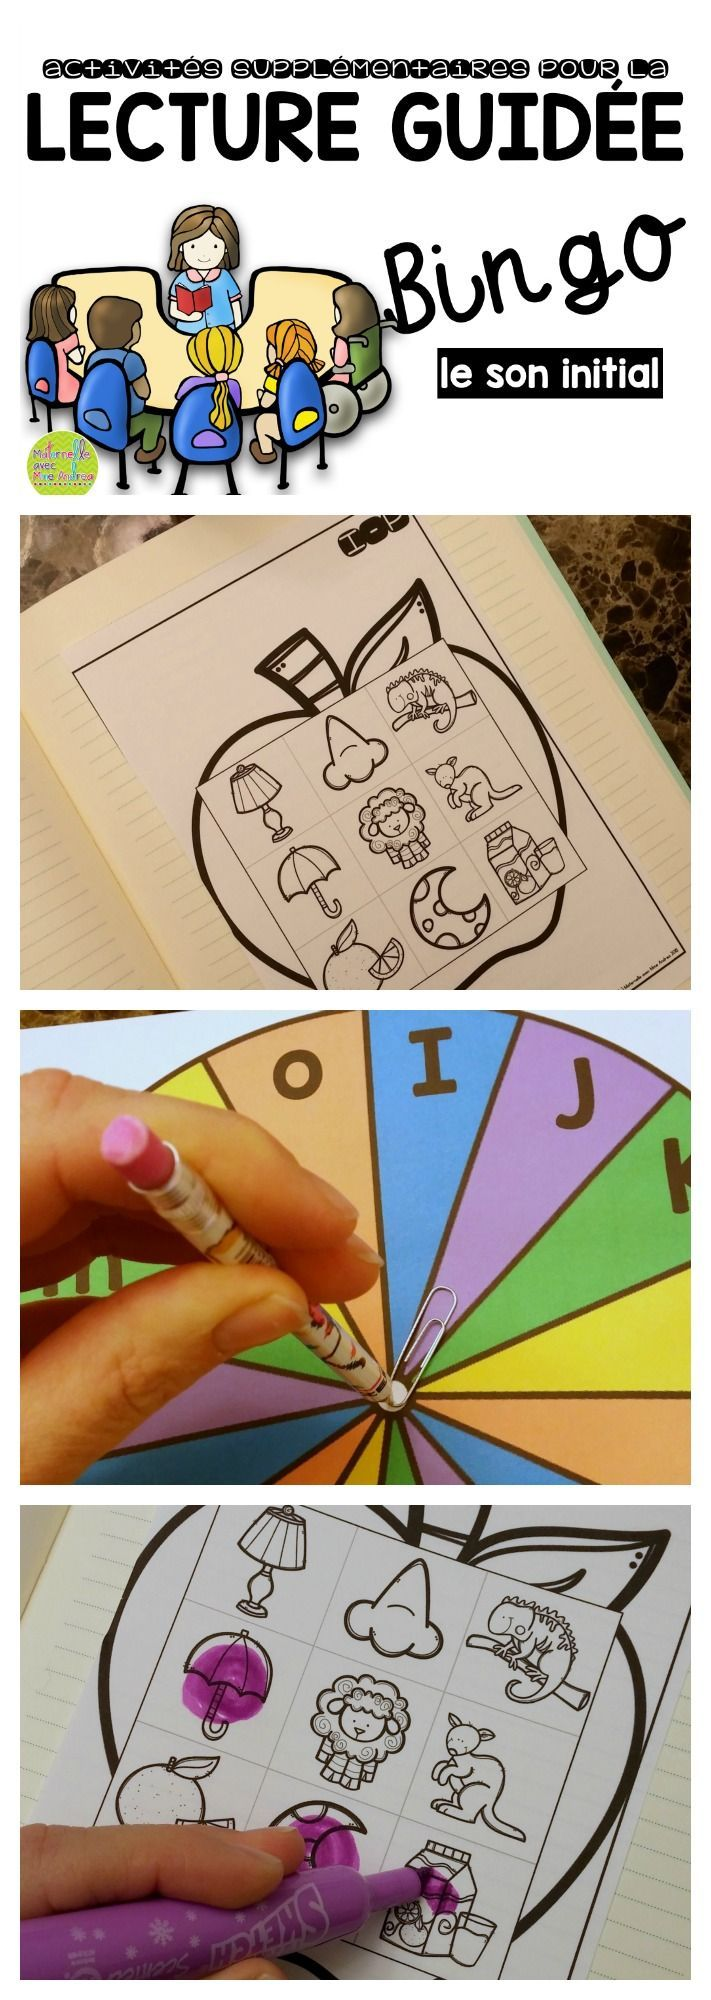 Bingo - Le son initial. Ce jeu de Bingo est très simple et amusant. Il y a assez de planches pour jouer avec jusqu'à 6 élèves (une activité idéale pour la lecture guidée). Les planches de jeu sont en couleur et en noir et blanc. Moi, j'imprime les planches en noir et blanc et les roulettes en couleur. Mes élèves collent les planches de jeu dans leurs cahiers de lecture guidée et utilisent les tampons pour recouvrir leurs images. Facile à préparer, mais très pratique!